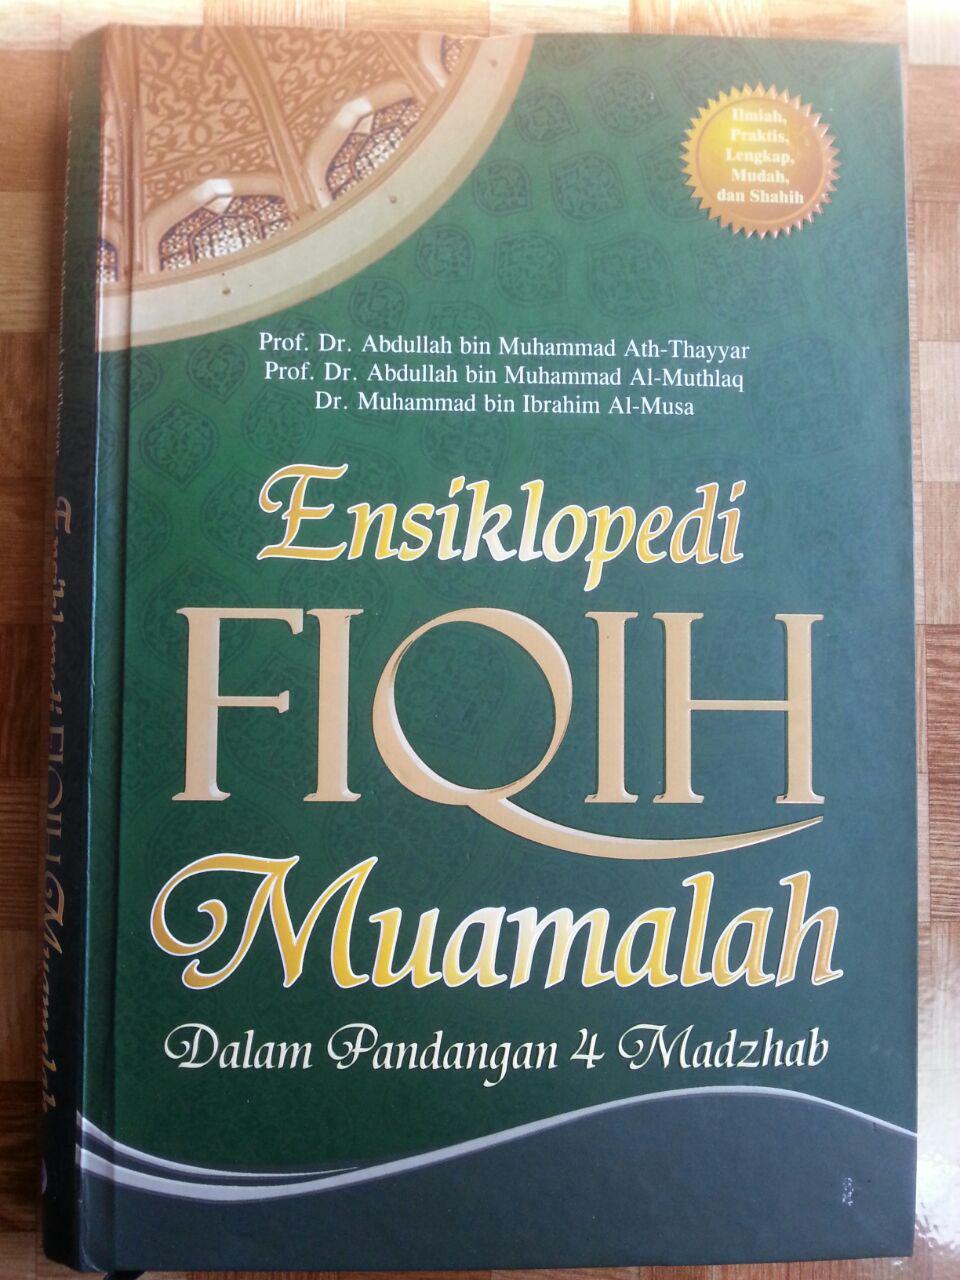 Buku Ensiklopedi Fiqih Muamalah Dalam Pandangan 4 Madzhab cover 2